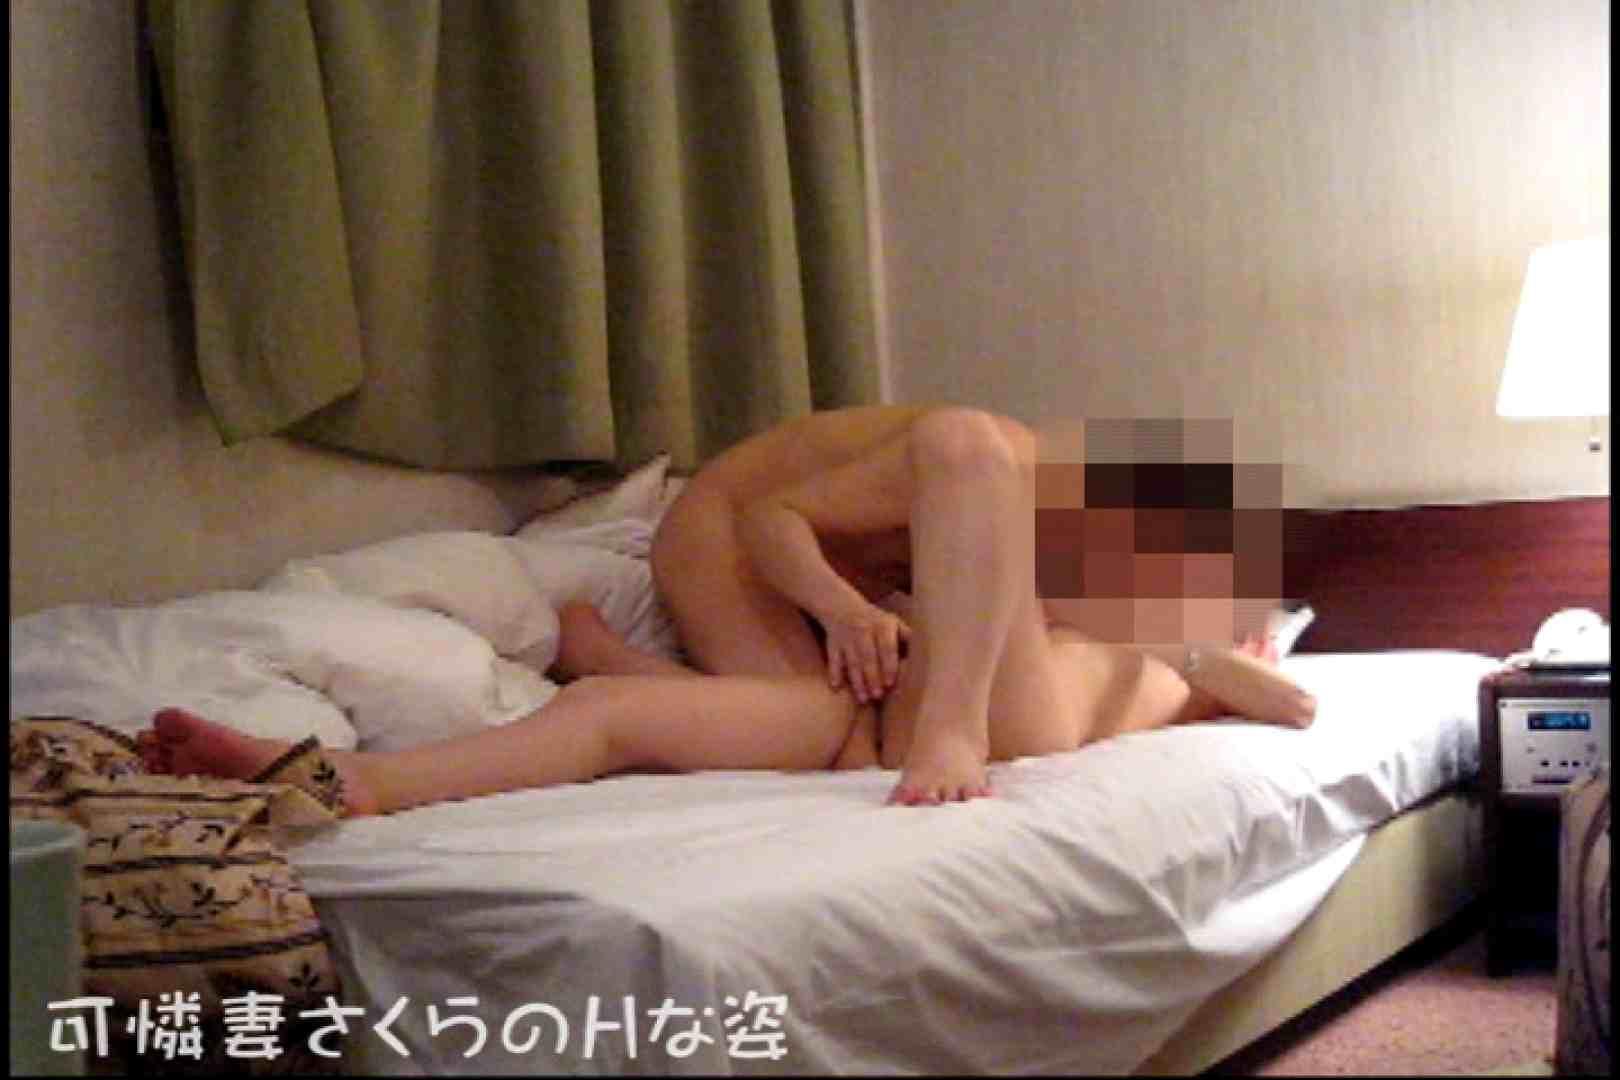 可憐妻さくらのHな姿vol.5前編 おっぱい   セックス映像  65pic 21